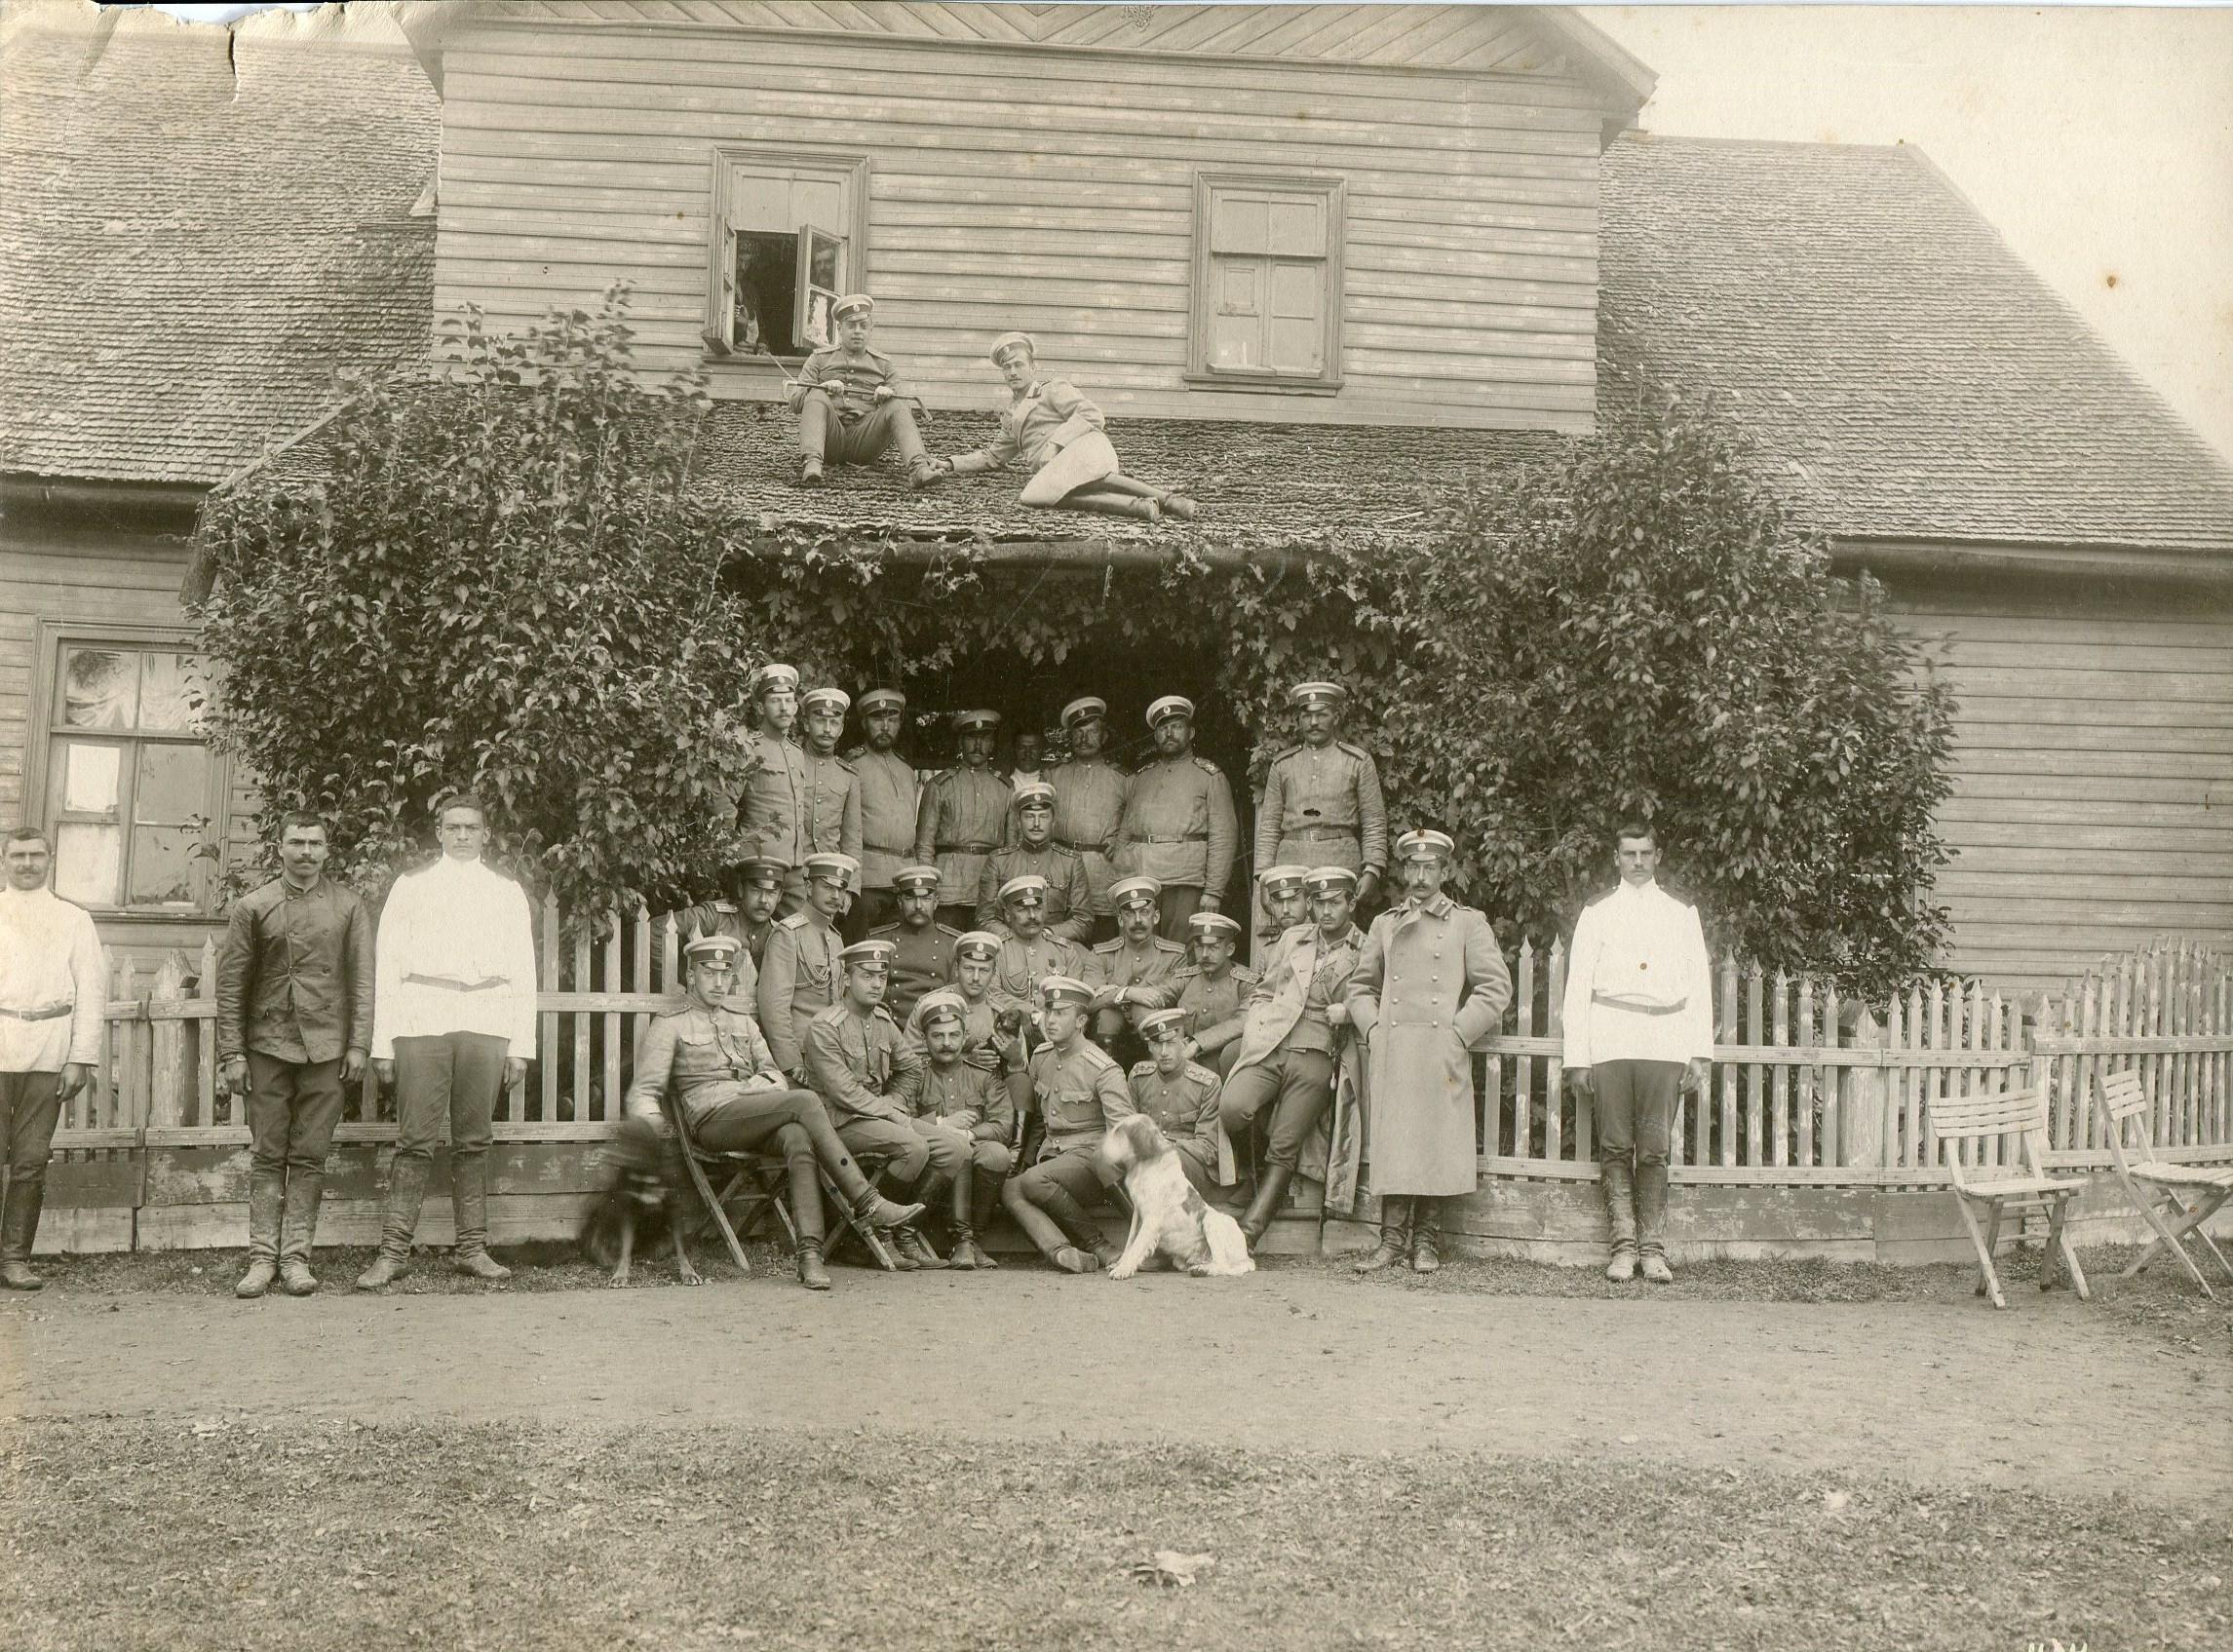 Фотография группы солдат и офицеров на фоне дома